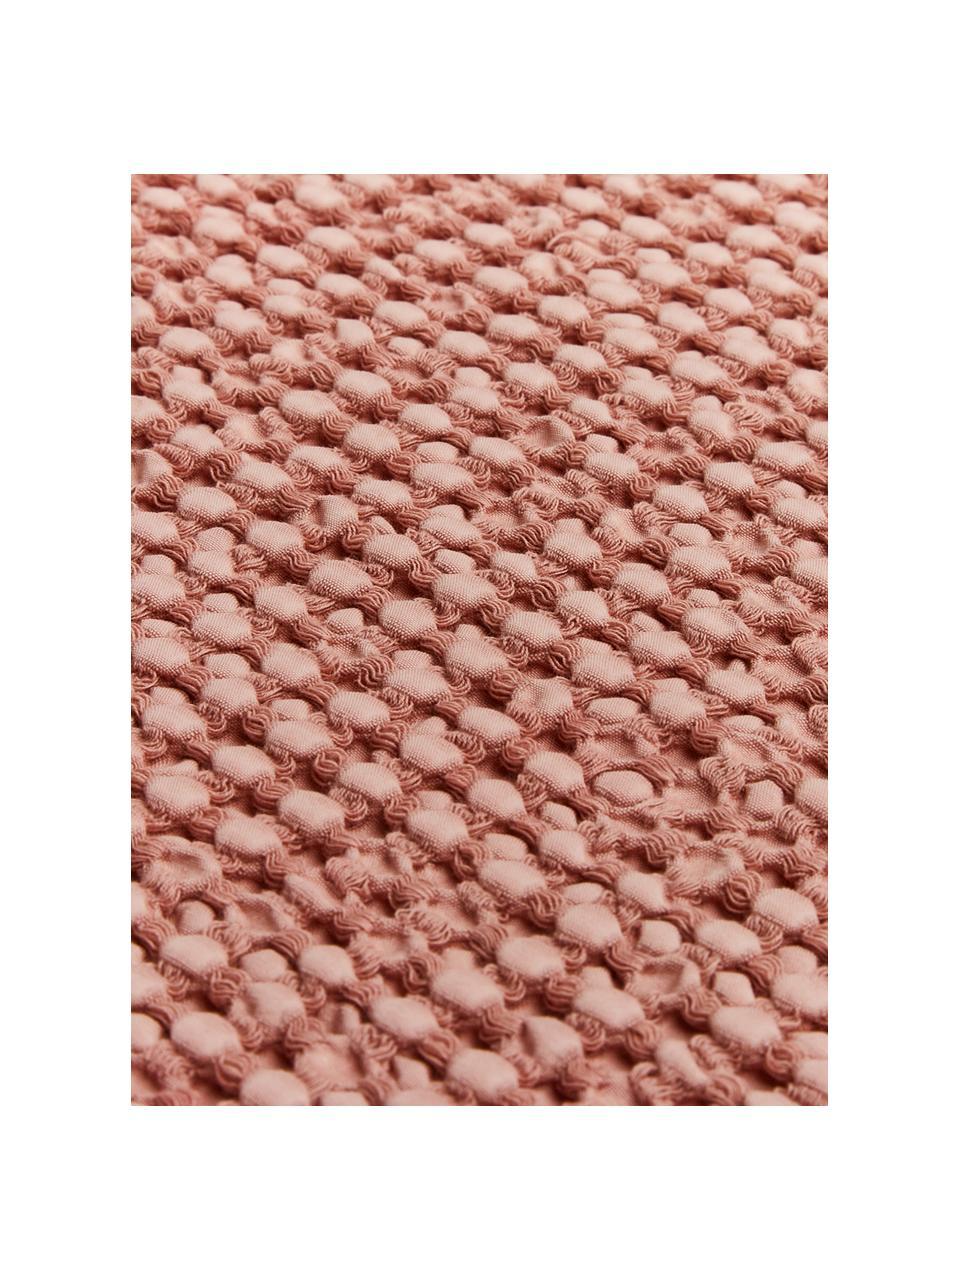 Tagesdecke Vigo mit strukturierter Oberfläche, 100% Baumwolle, Helles Rosa, B 220 x L 240 cm (für Betten ab 160 x 200)